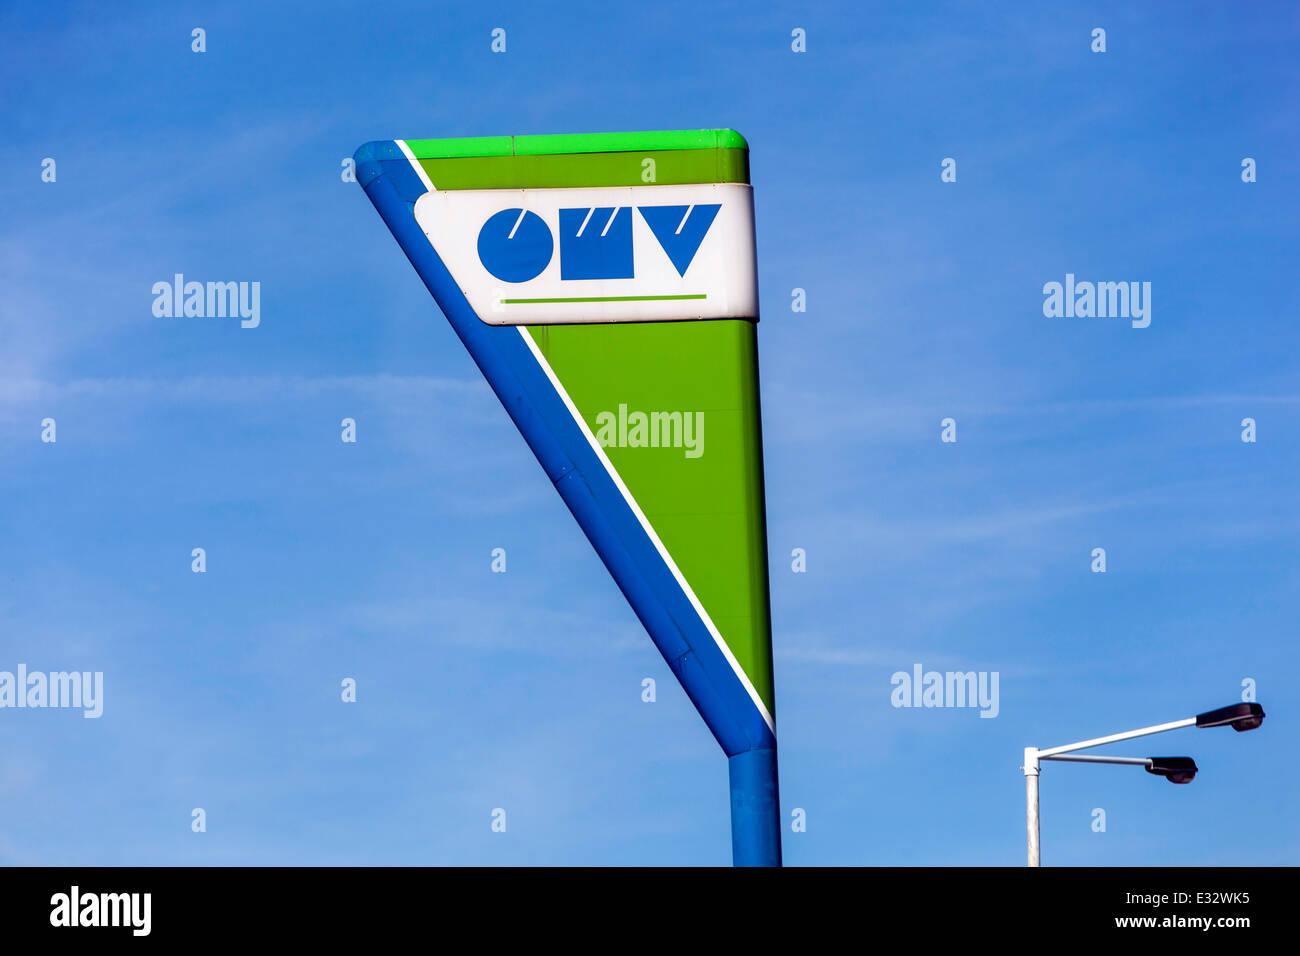 OMV sign logo petrol station - Stock Image